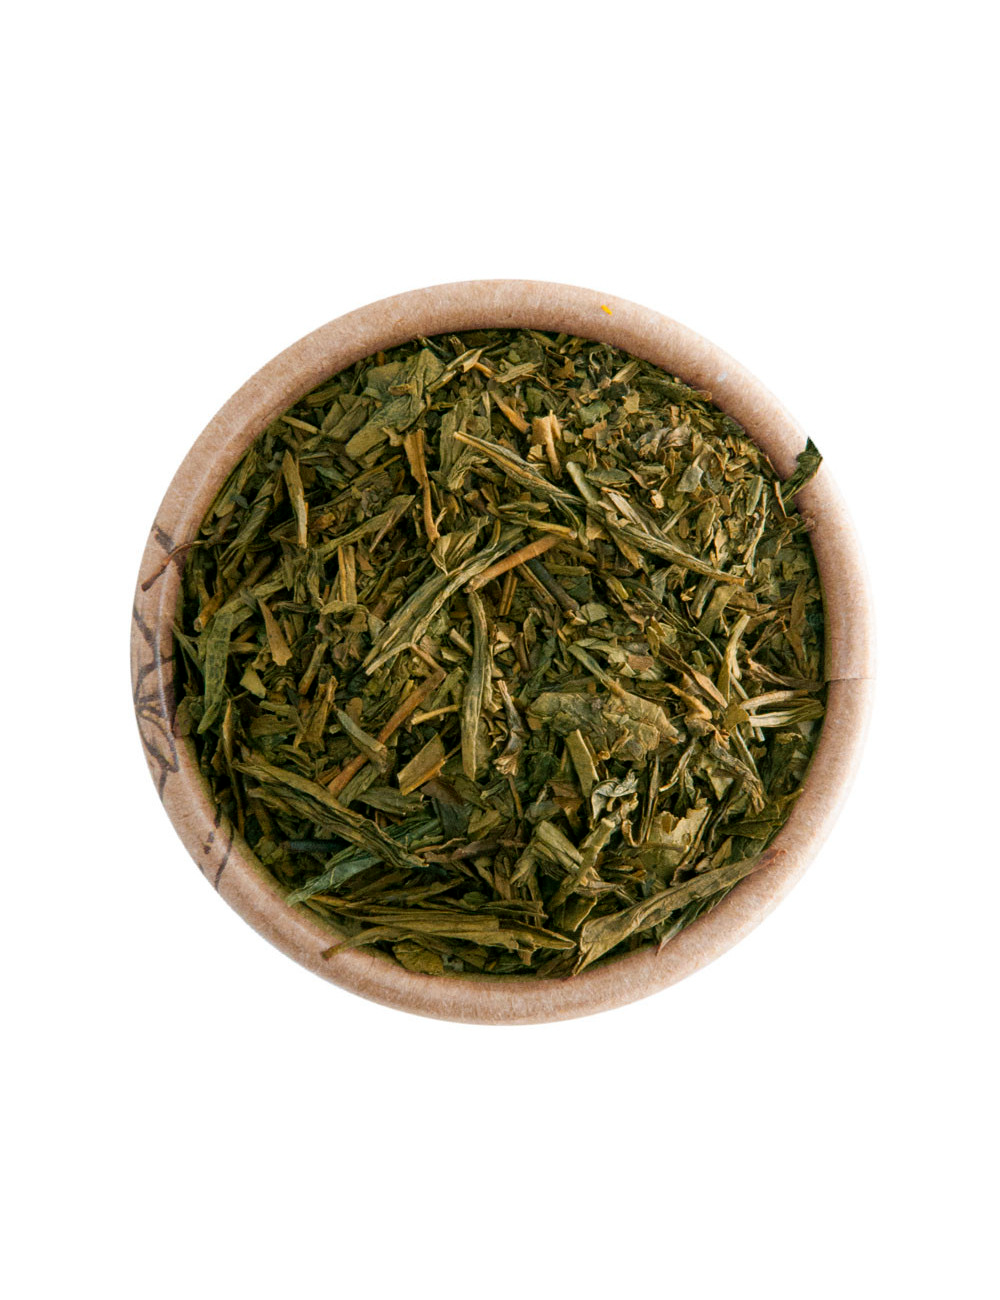 Kukicha BIO tè verde - La Pianta del Tè shop online